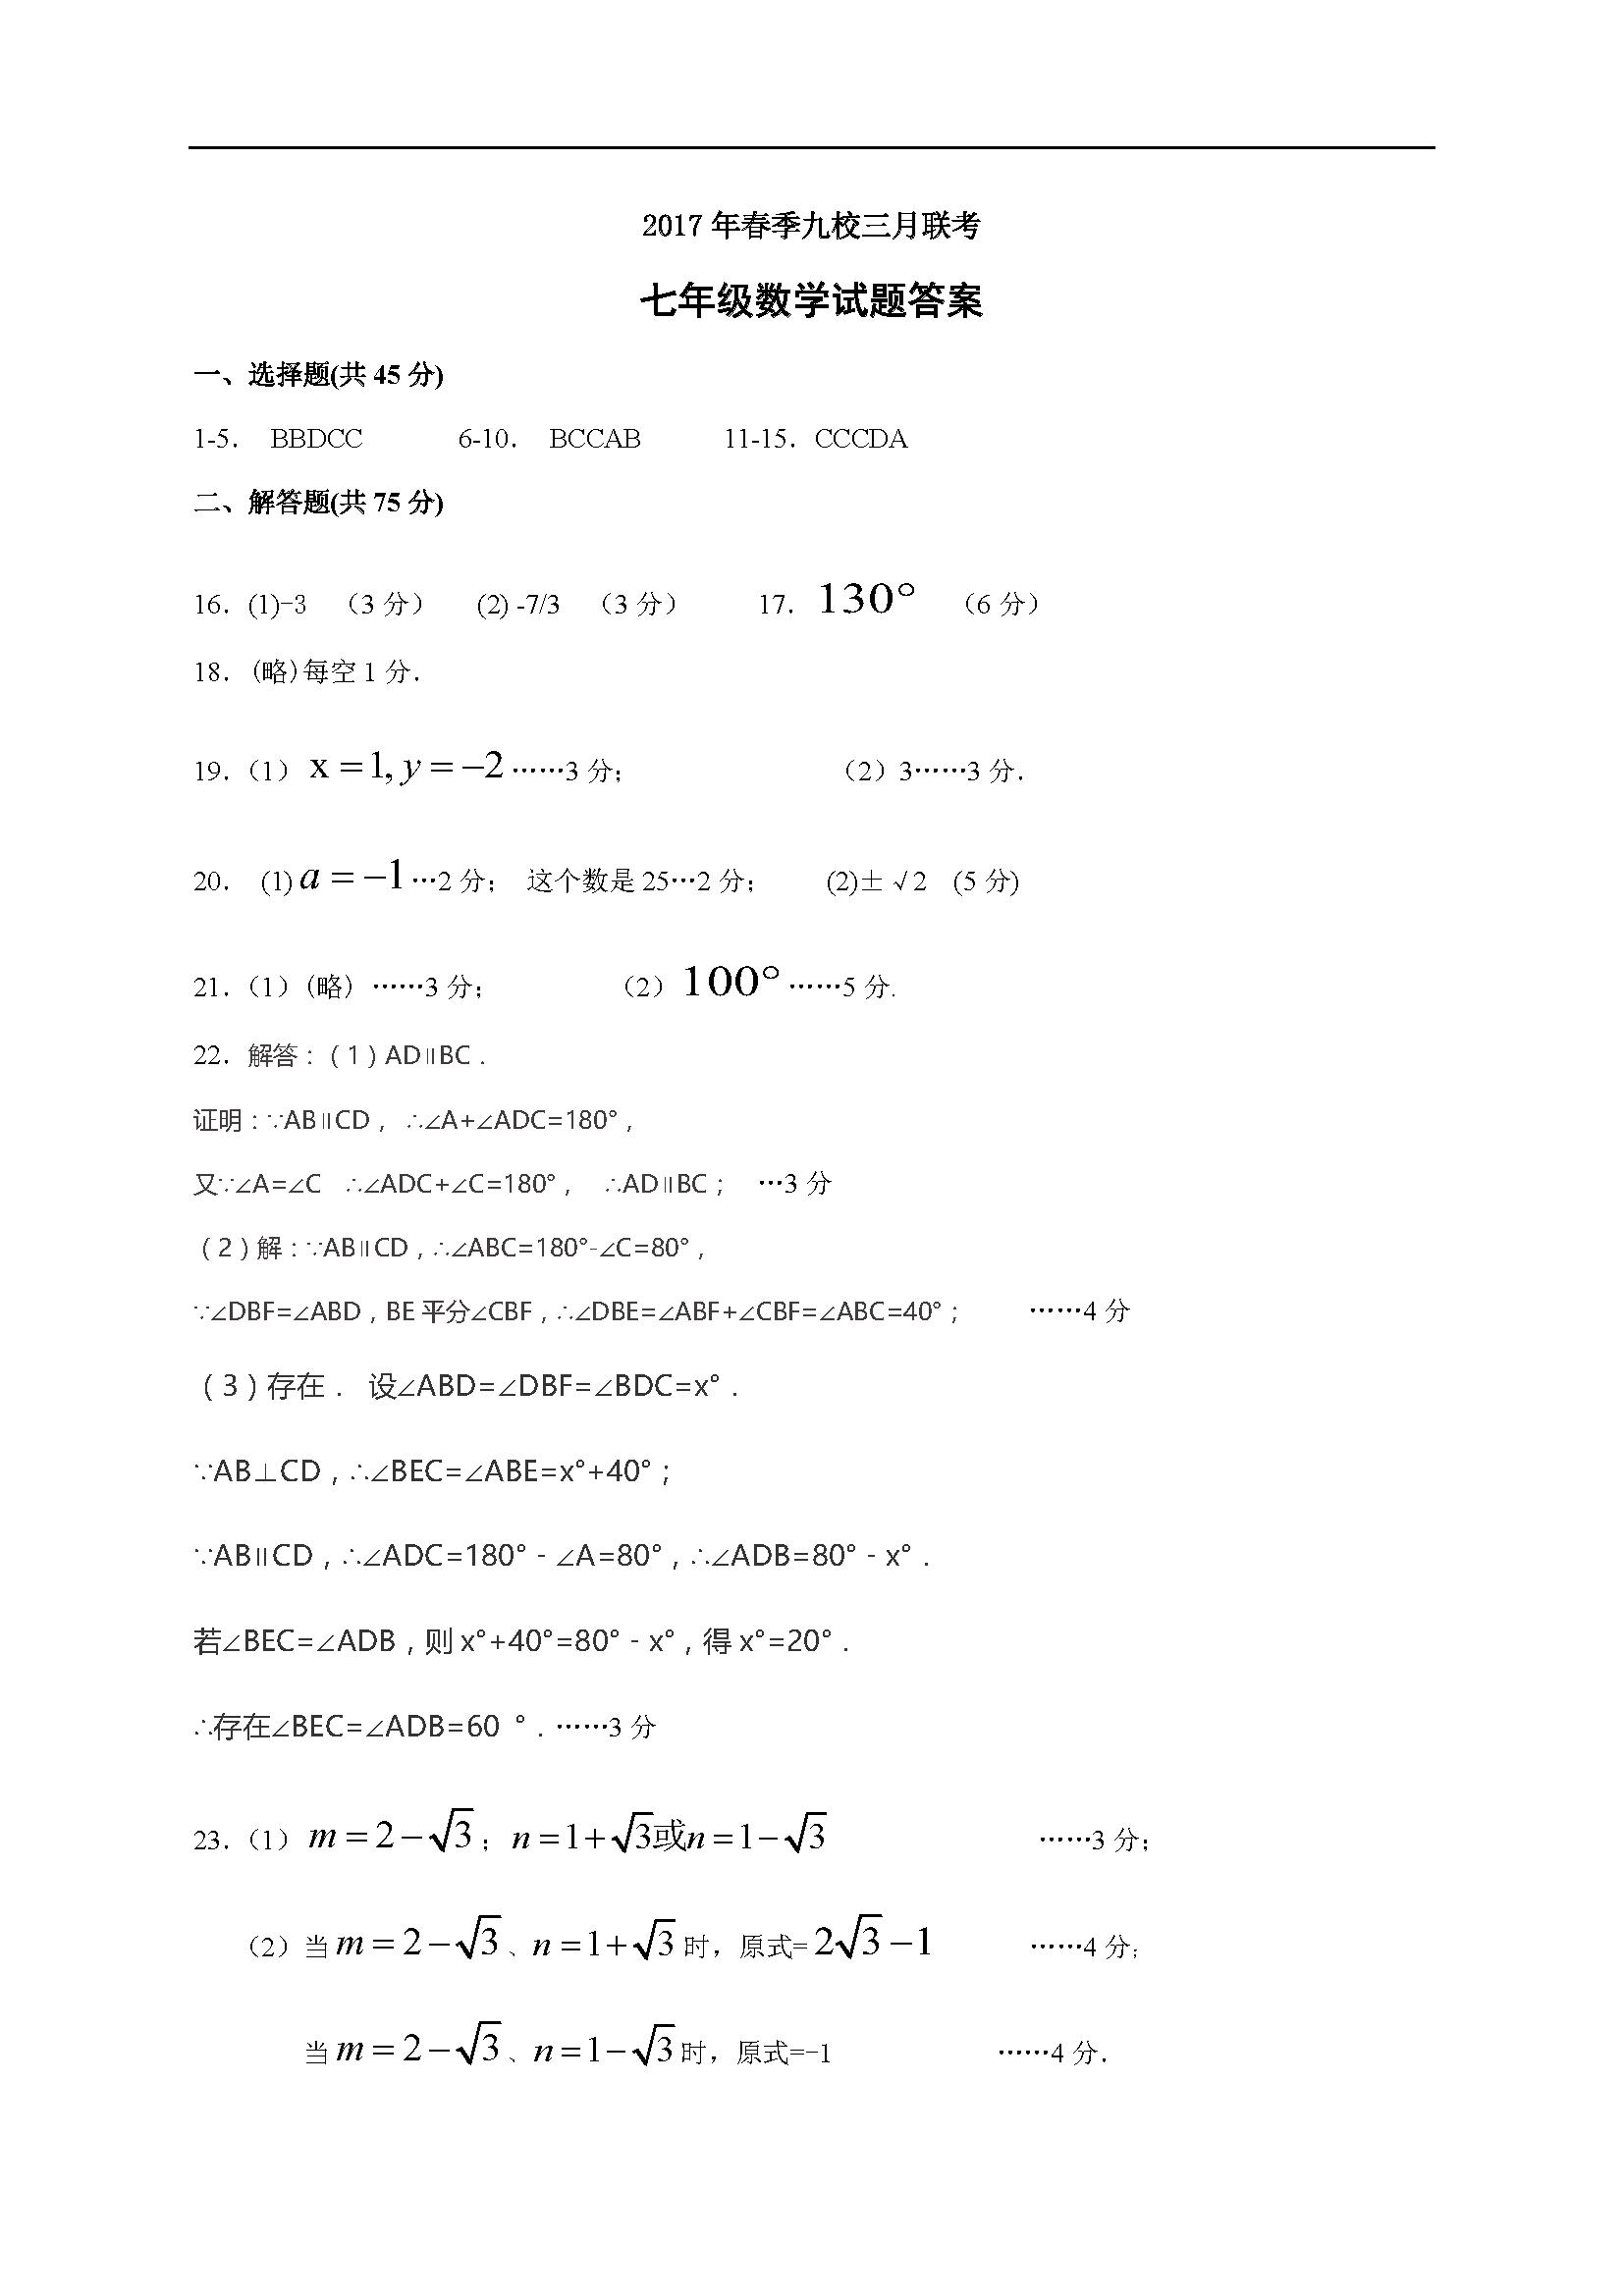 2017湖北枝江九校七年级3月联考数学试题答案(Word版)